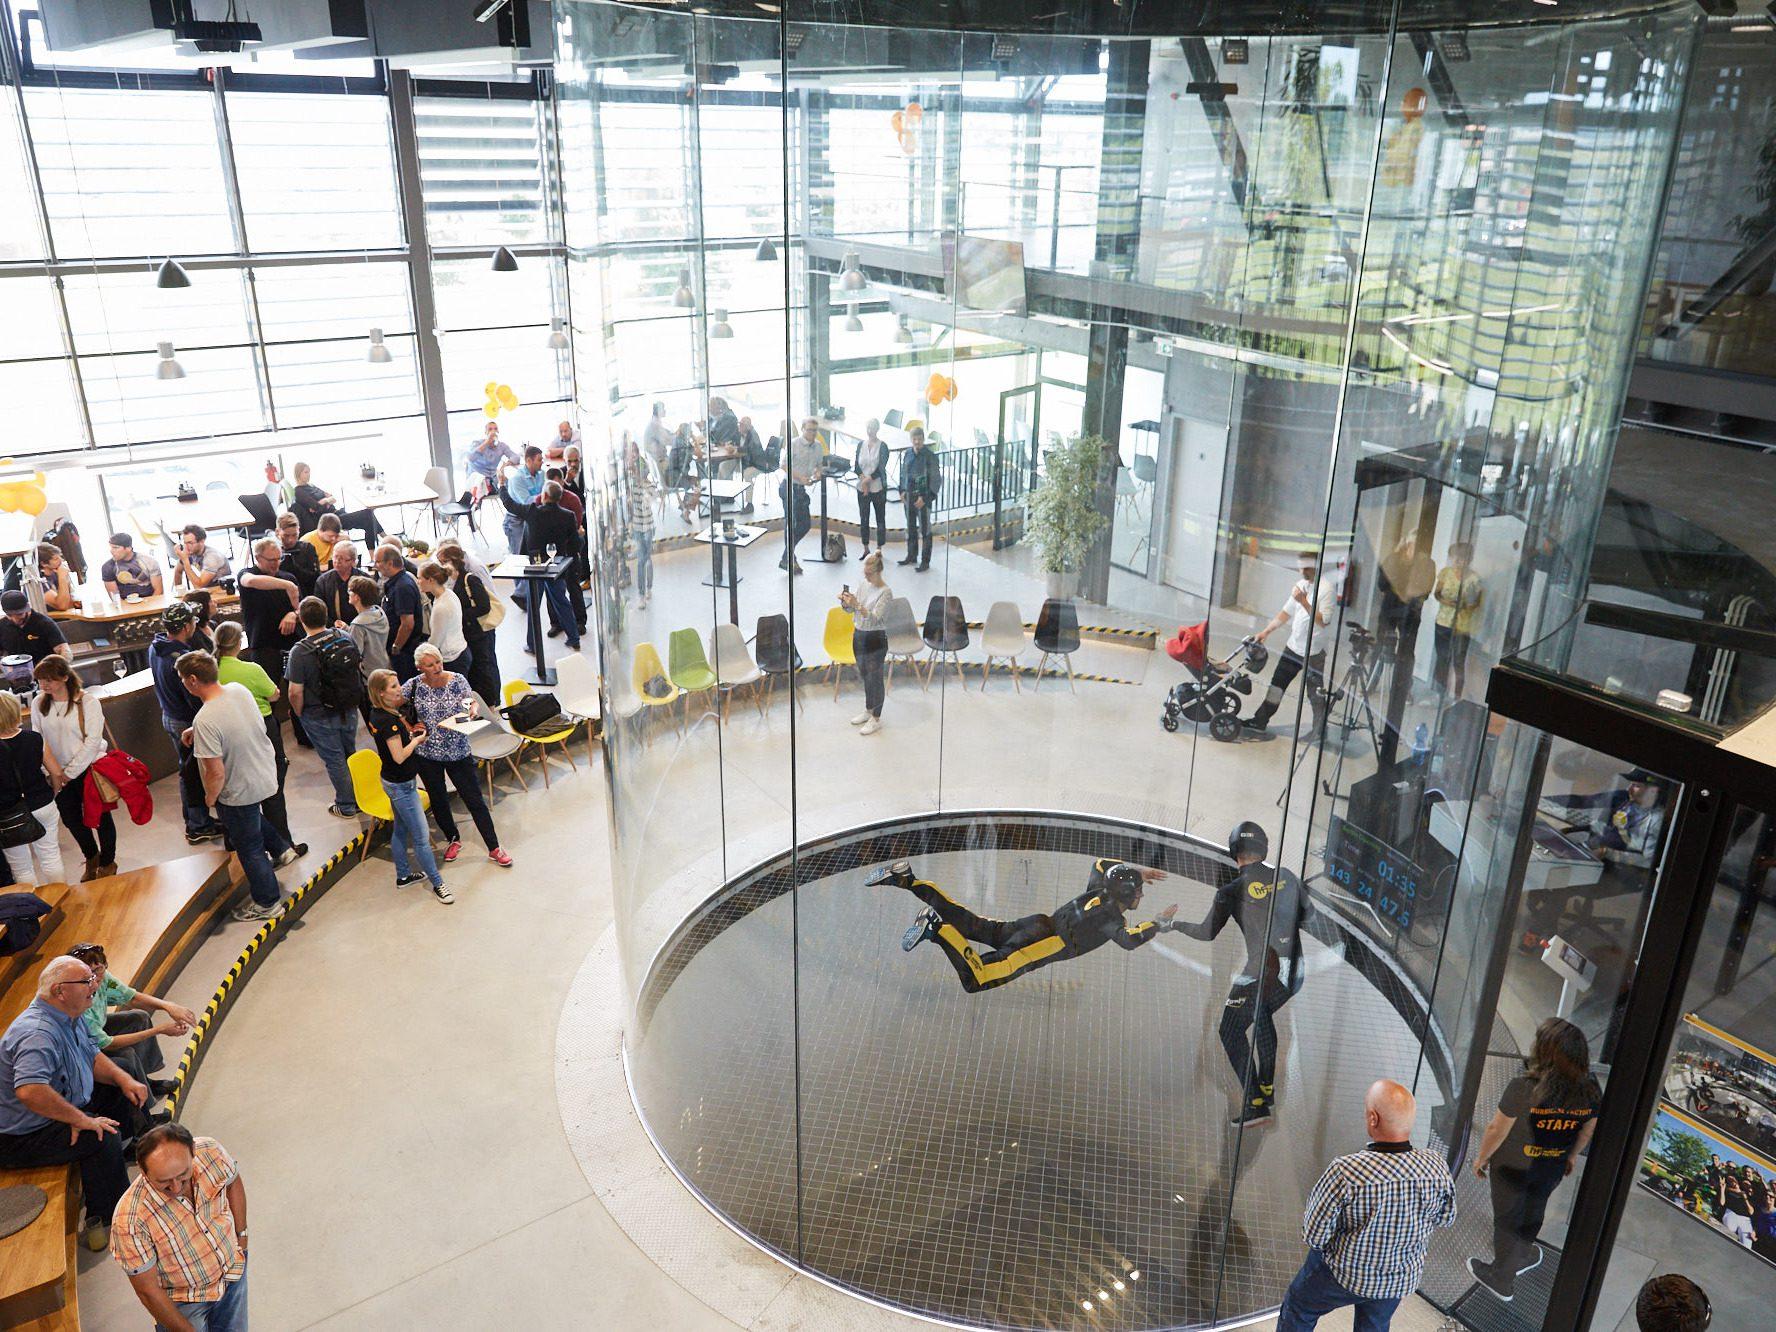 Der rundum verglaste Flugzylinder in der Hurricane Factory ermöglicht es Zuschauern direkt bei der Action dabei zu sein.